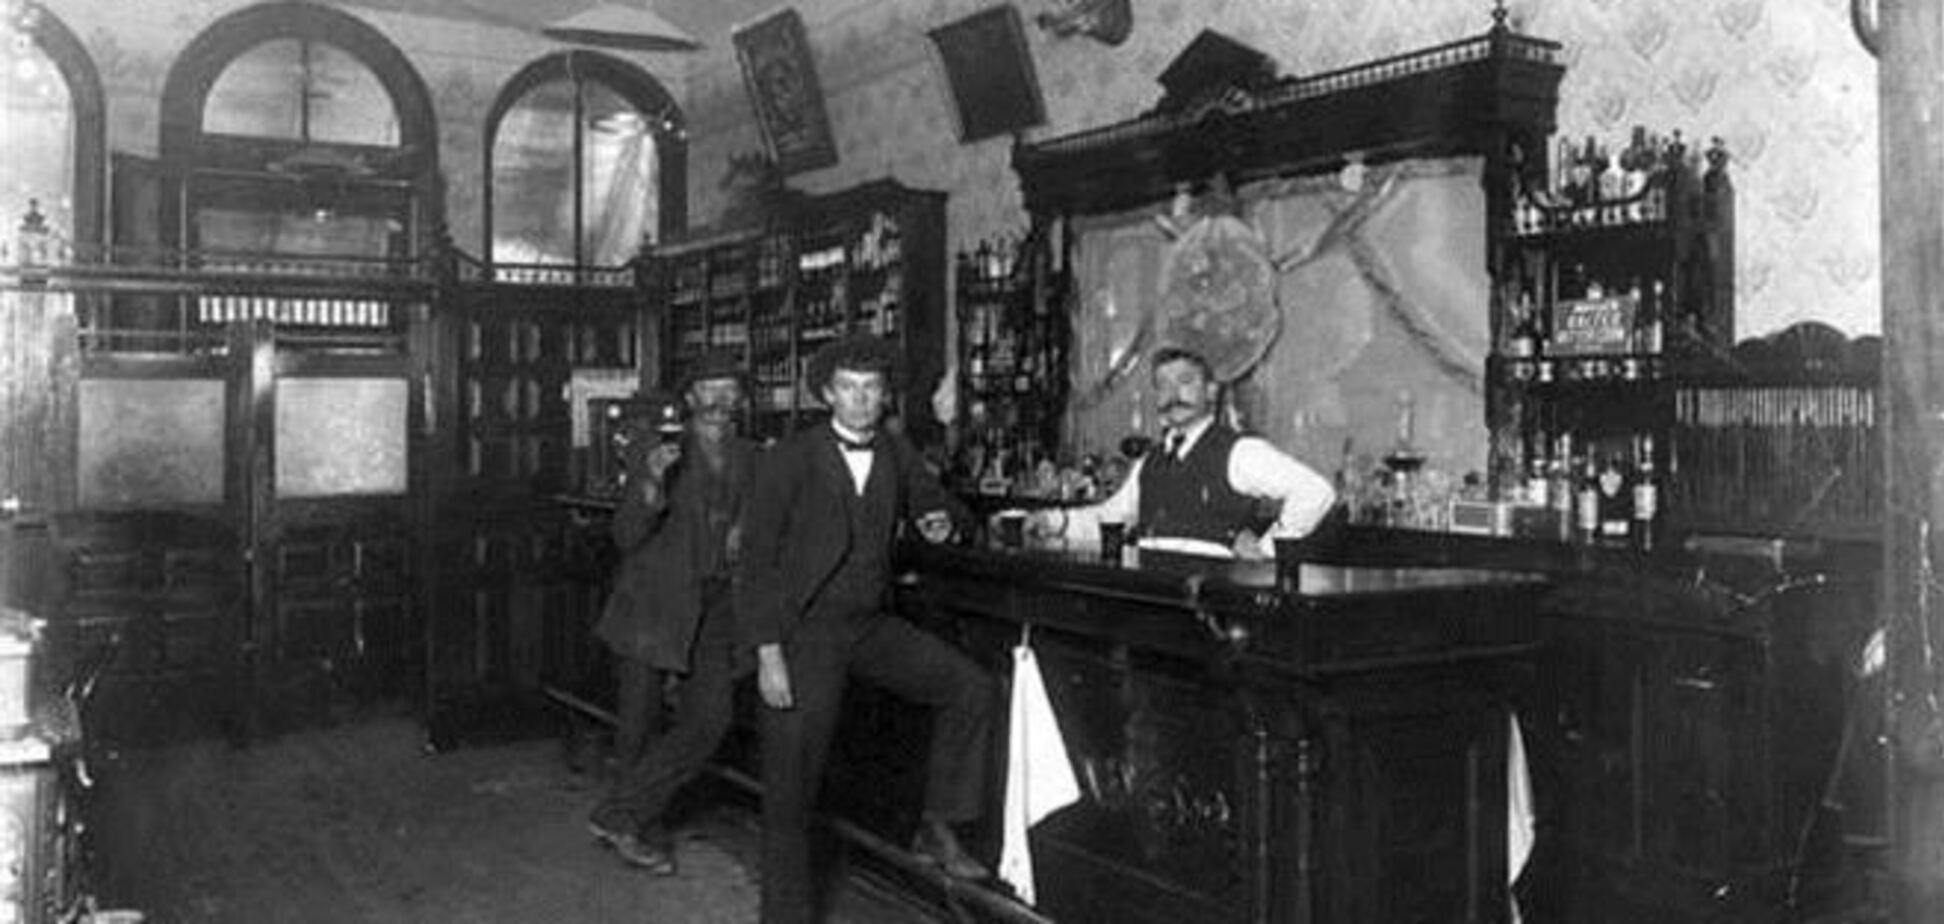 Дом с подпольным баром времен 'сухого закона' продается в США